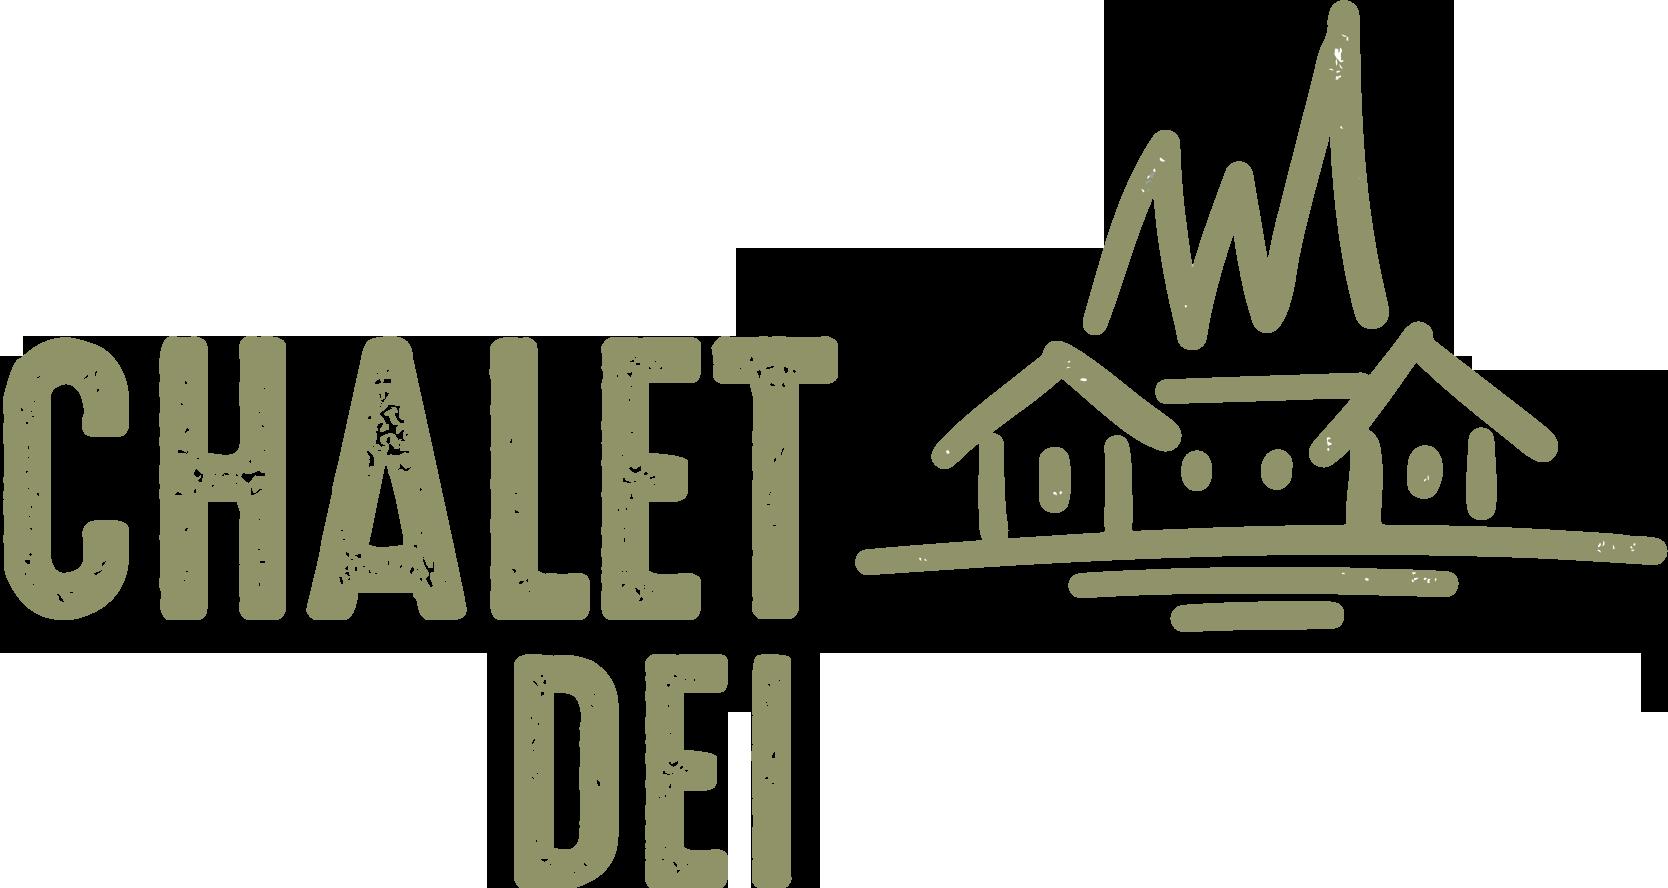 Chalet Clan dei Ragazzi